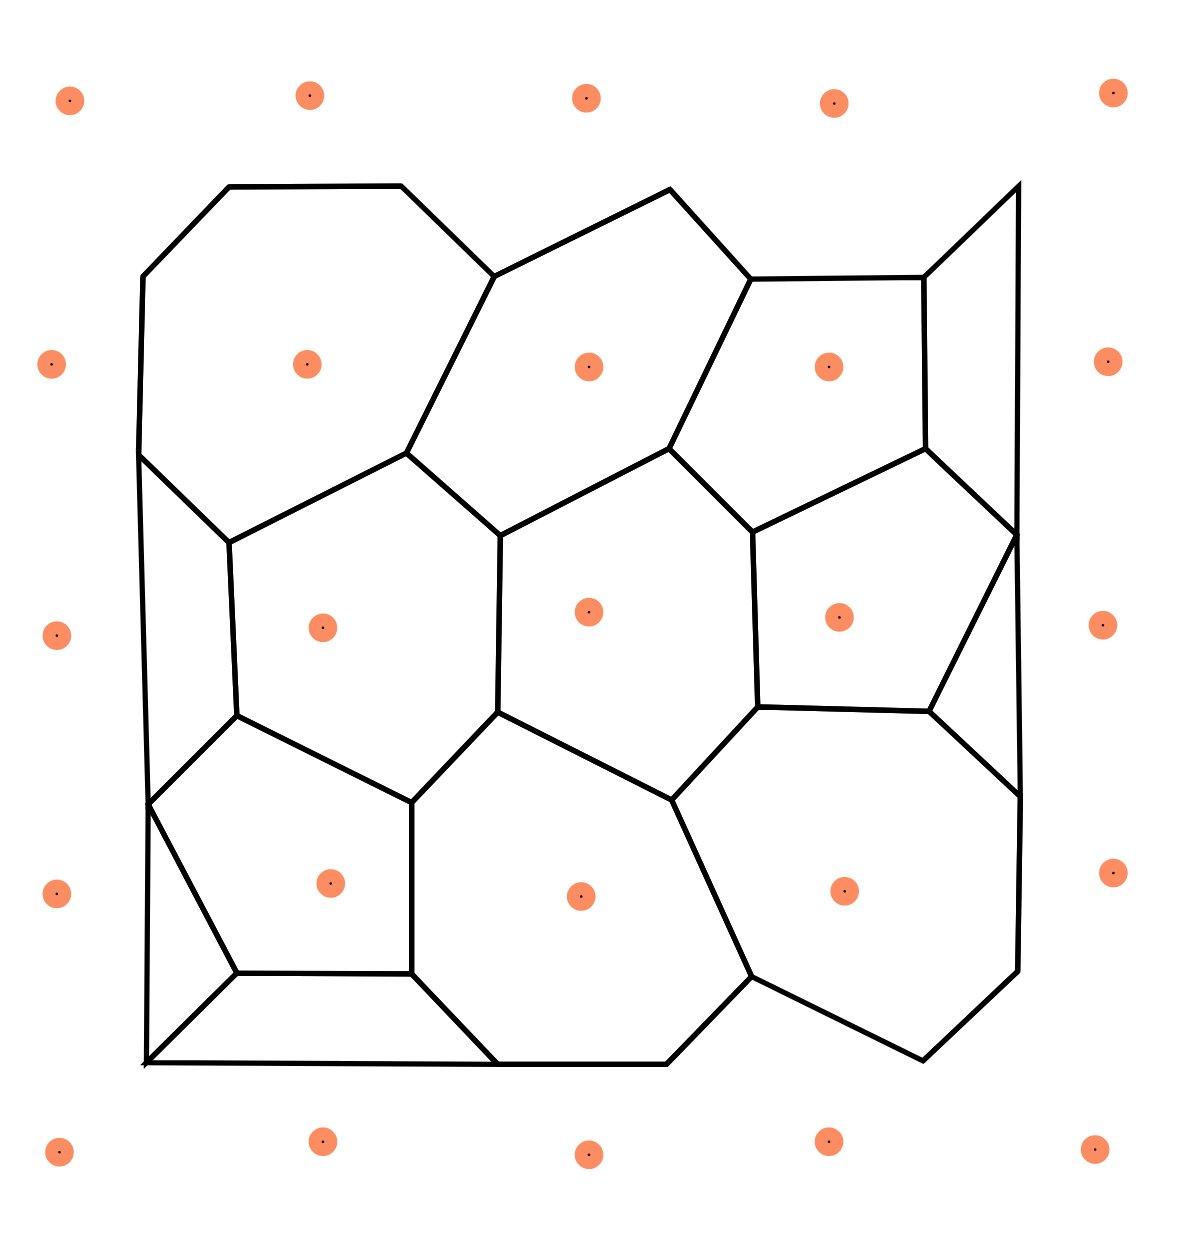 SVG Jigsaw Generation in Clojure – Bonnie Eisenman